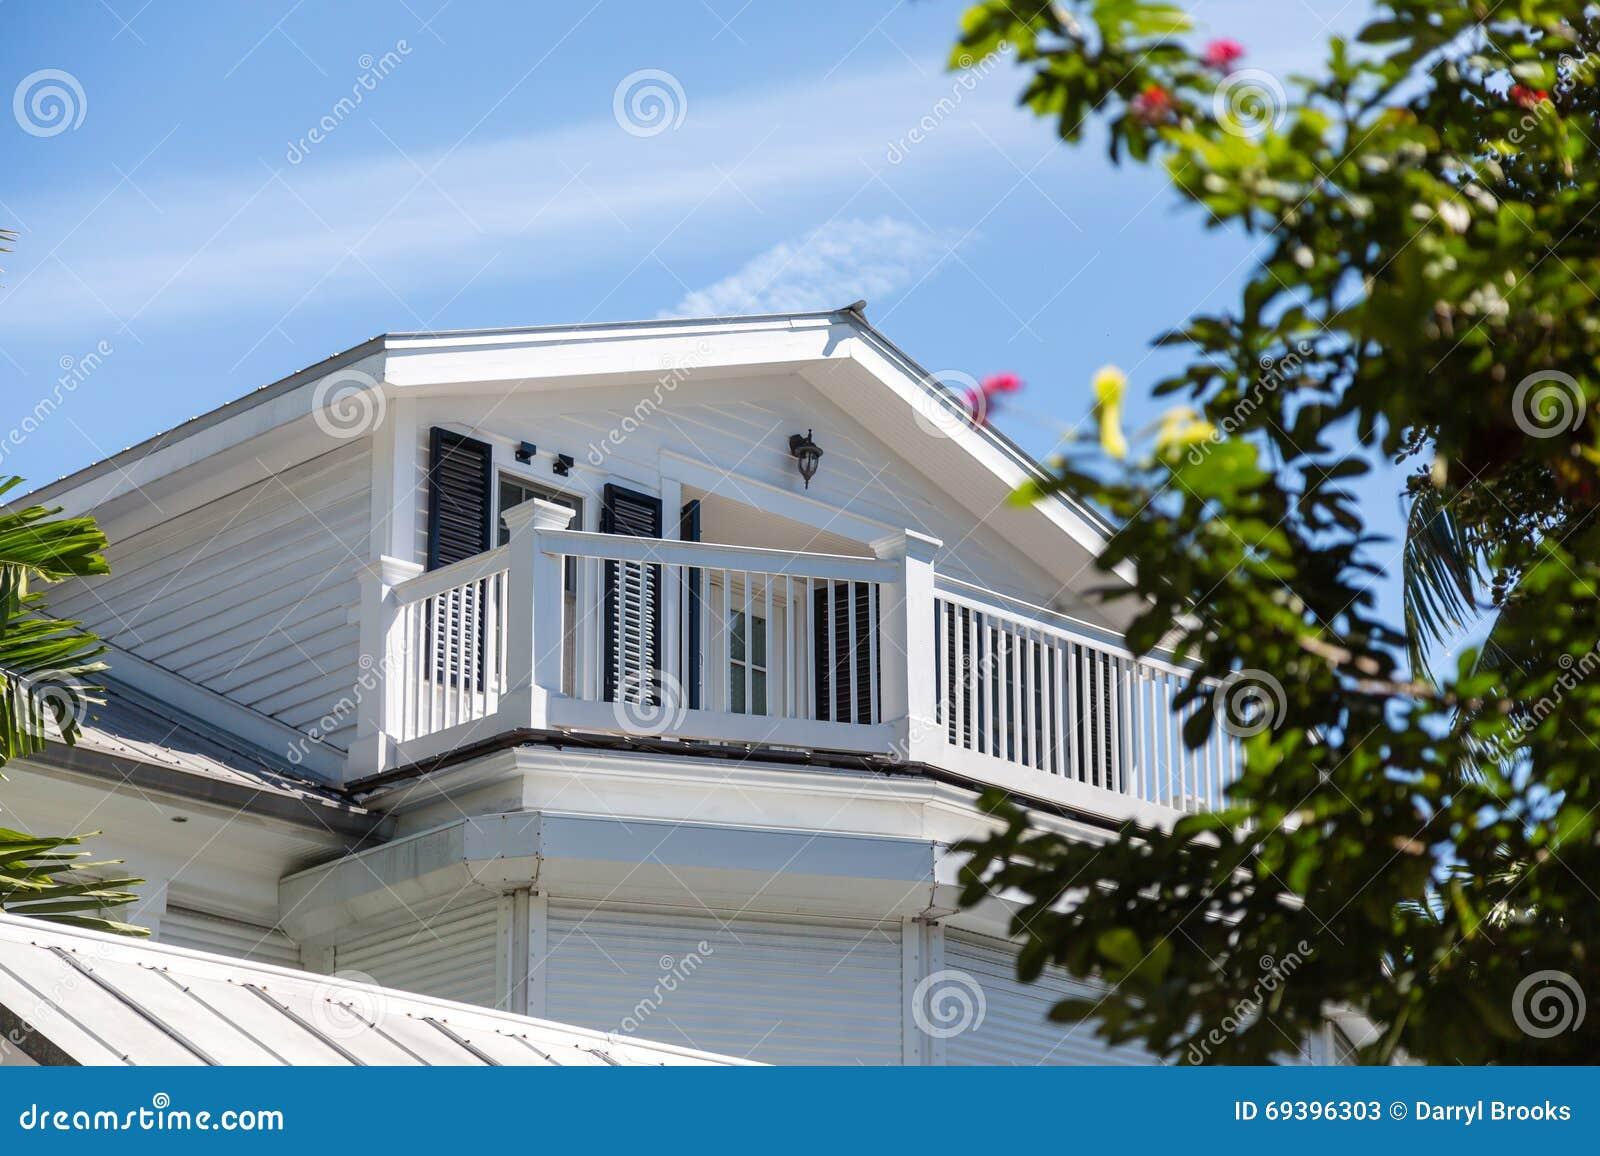 Casas de madera blancas casa de troncos escuadrados abeto - Casas de madera blancas ...